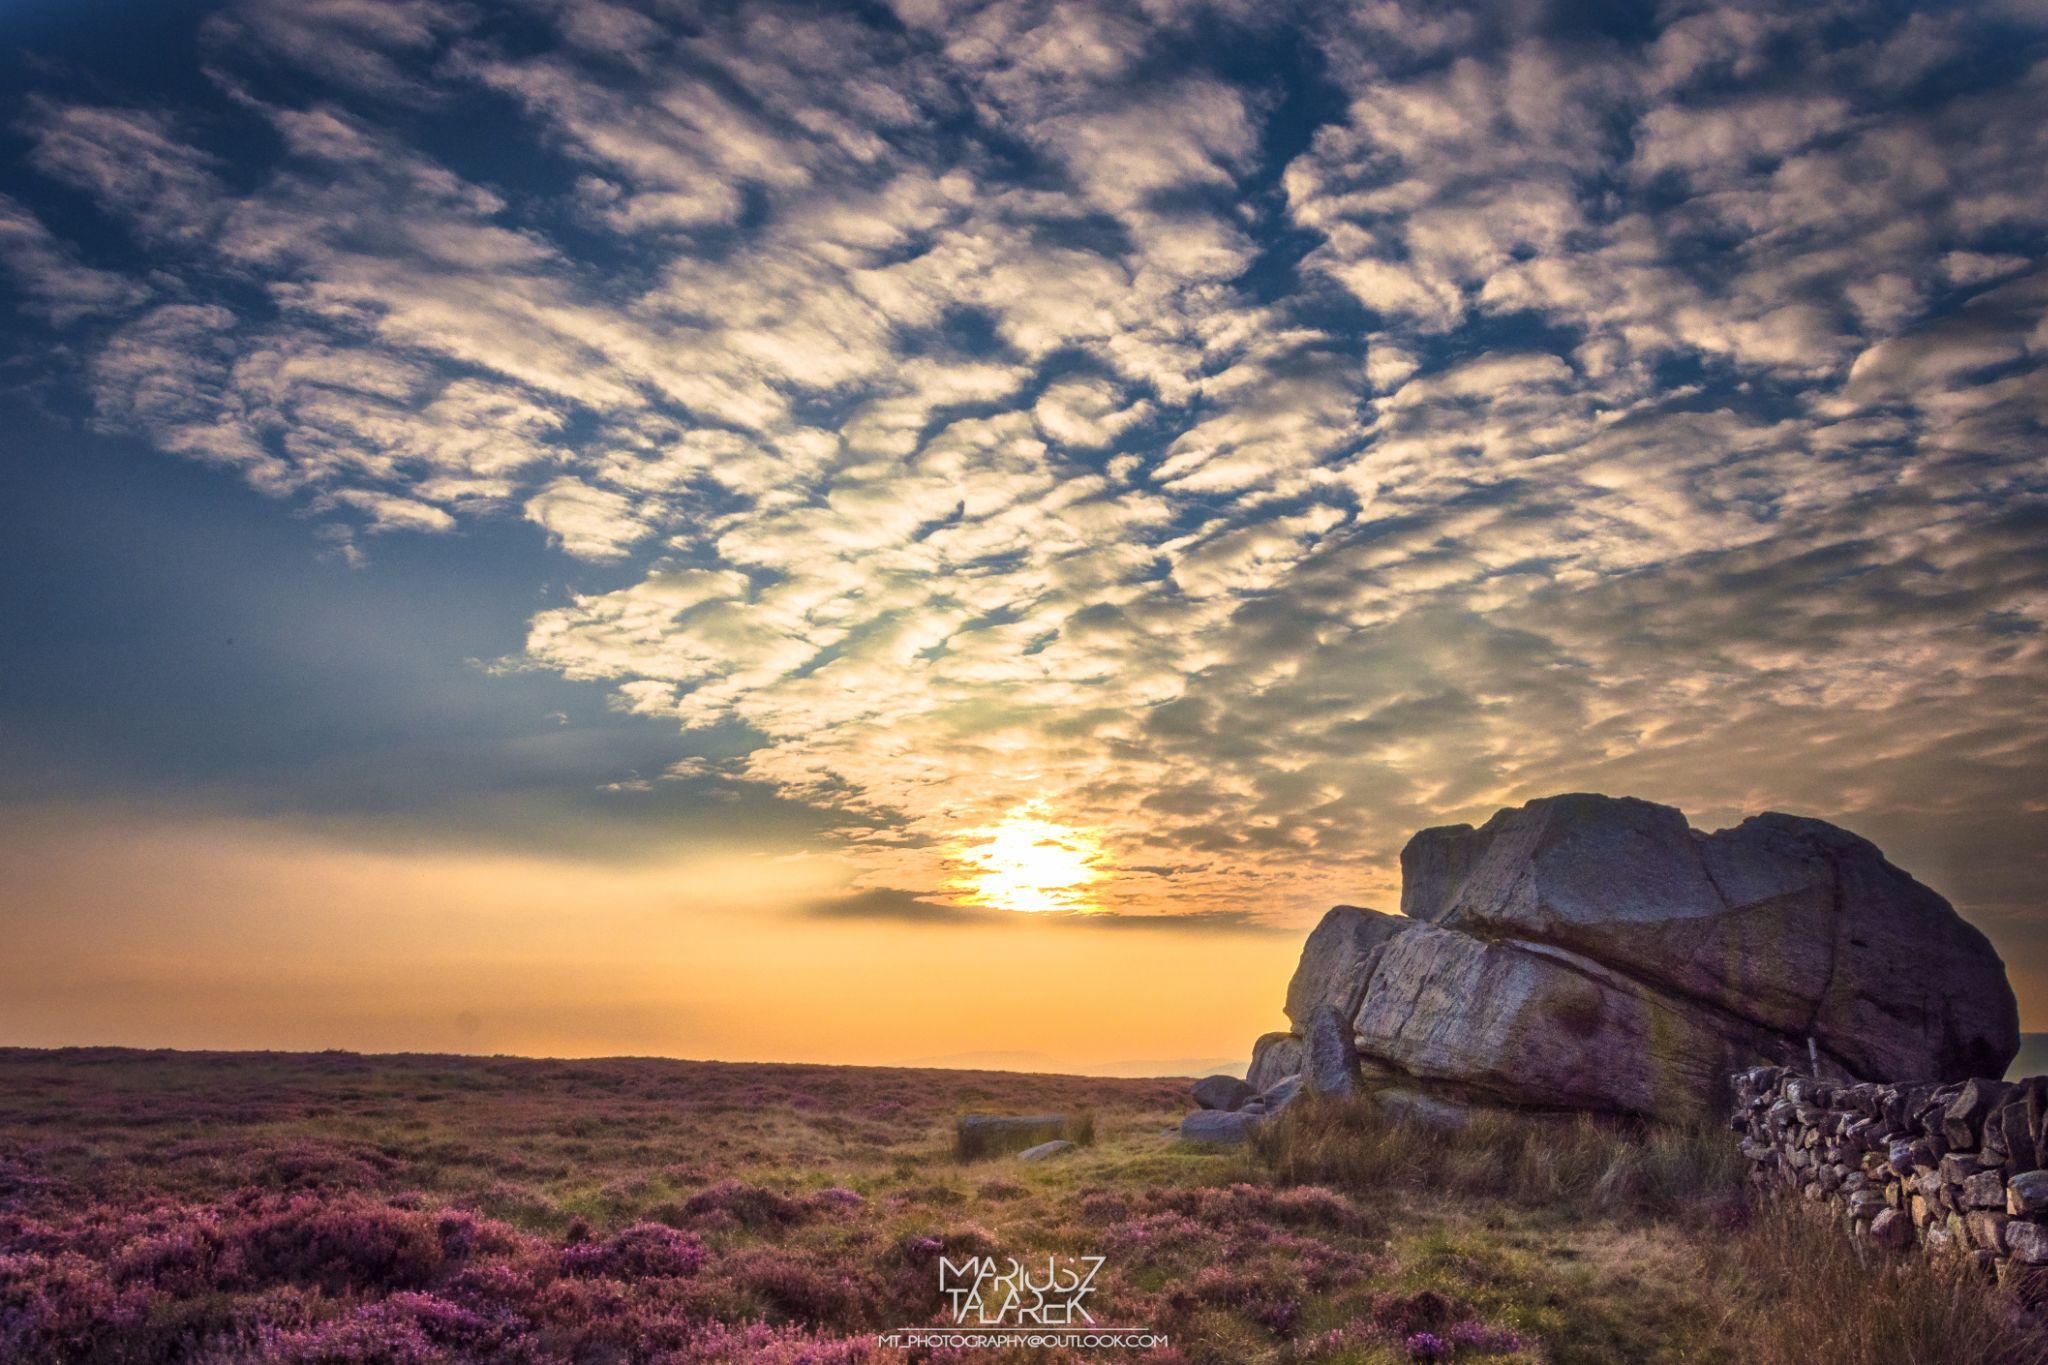 Sunset in Keighley Moor by Mariusz Talarek